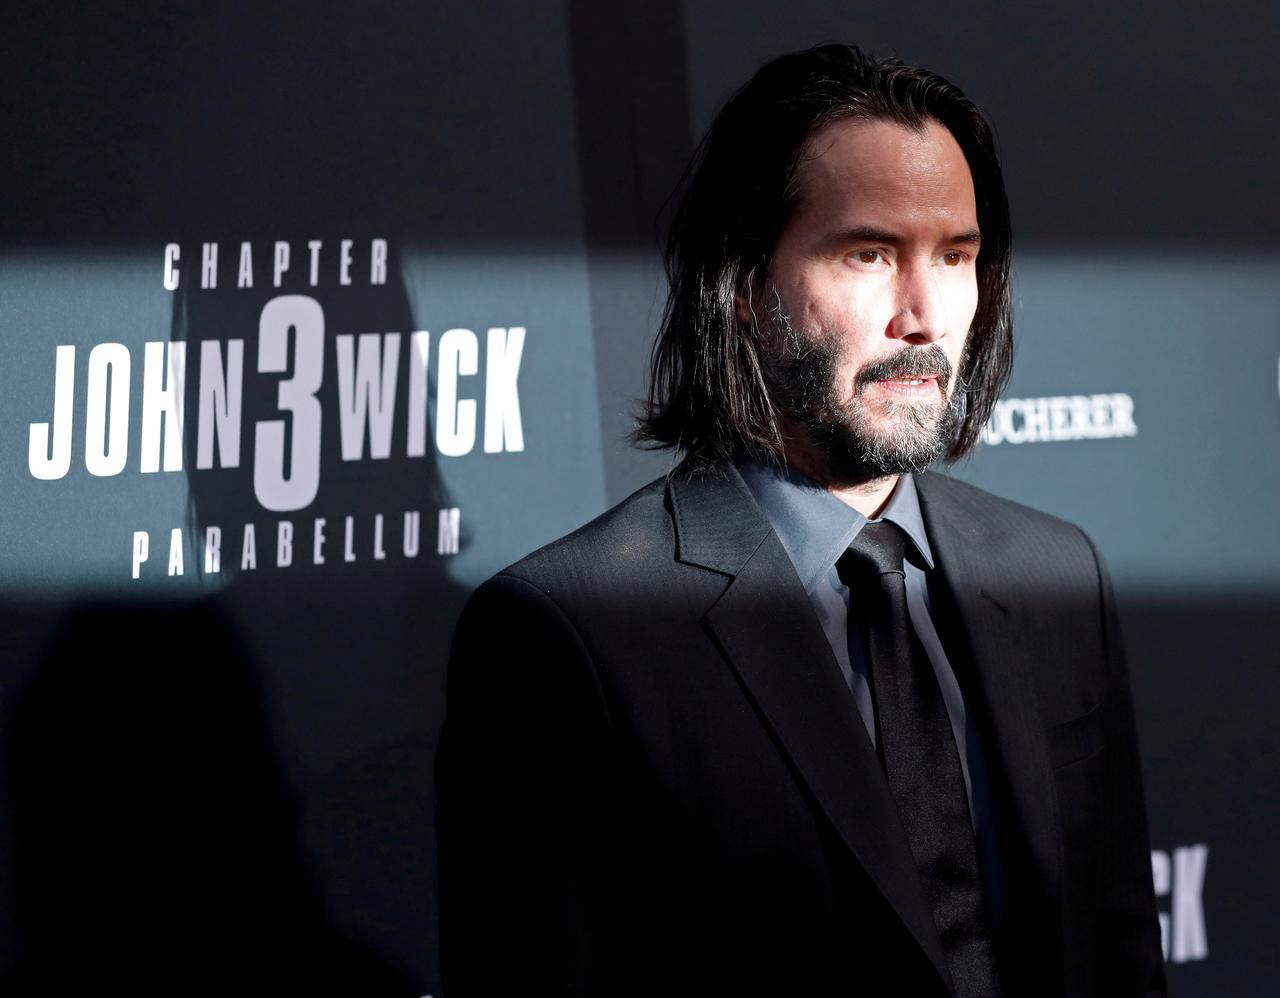 Box office: 'John Wick 3' knocks down 'Avengers: Endgame' with $57